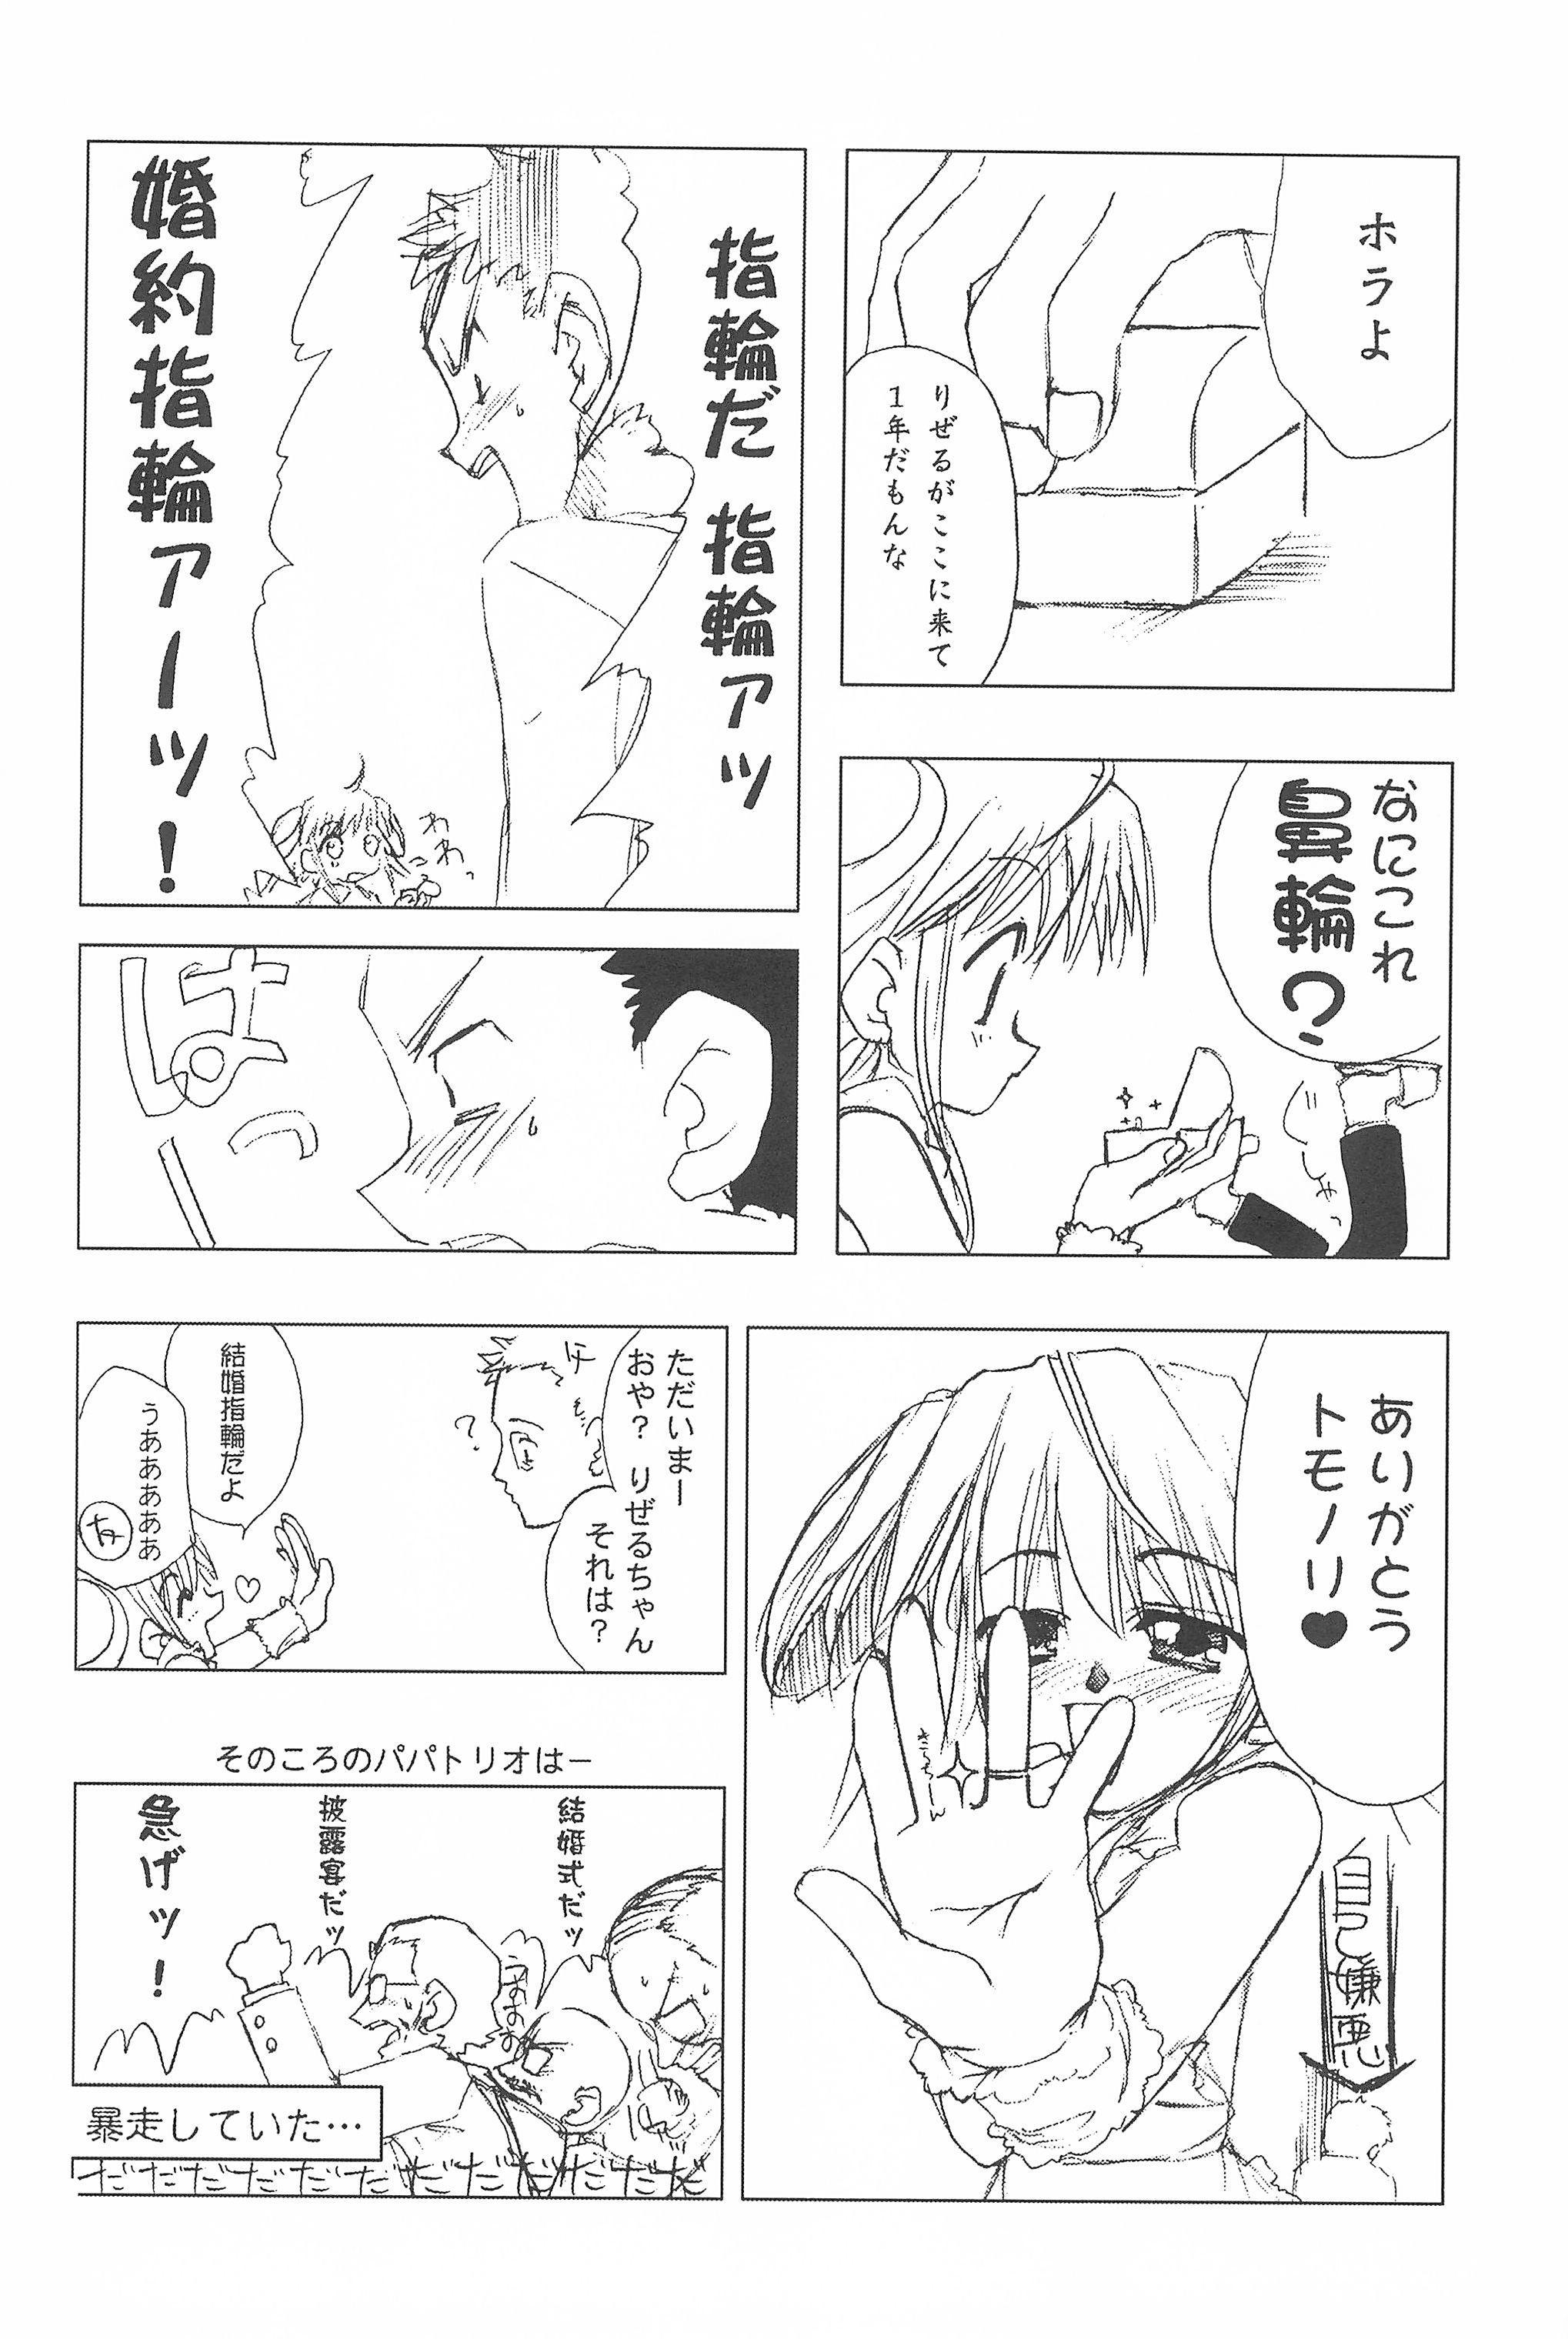 (SC22) [Shinobi no Yakata (Iwama Yoshiki) JEWEL-BOX 10 LOLITA-SARAD (Various) 41